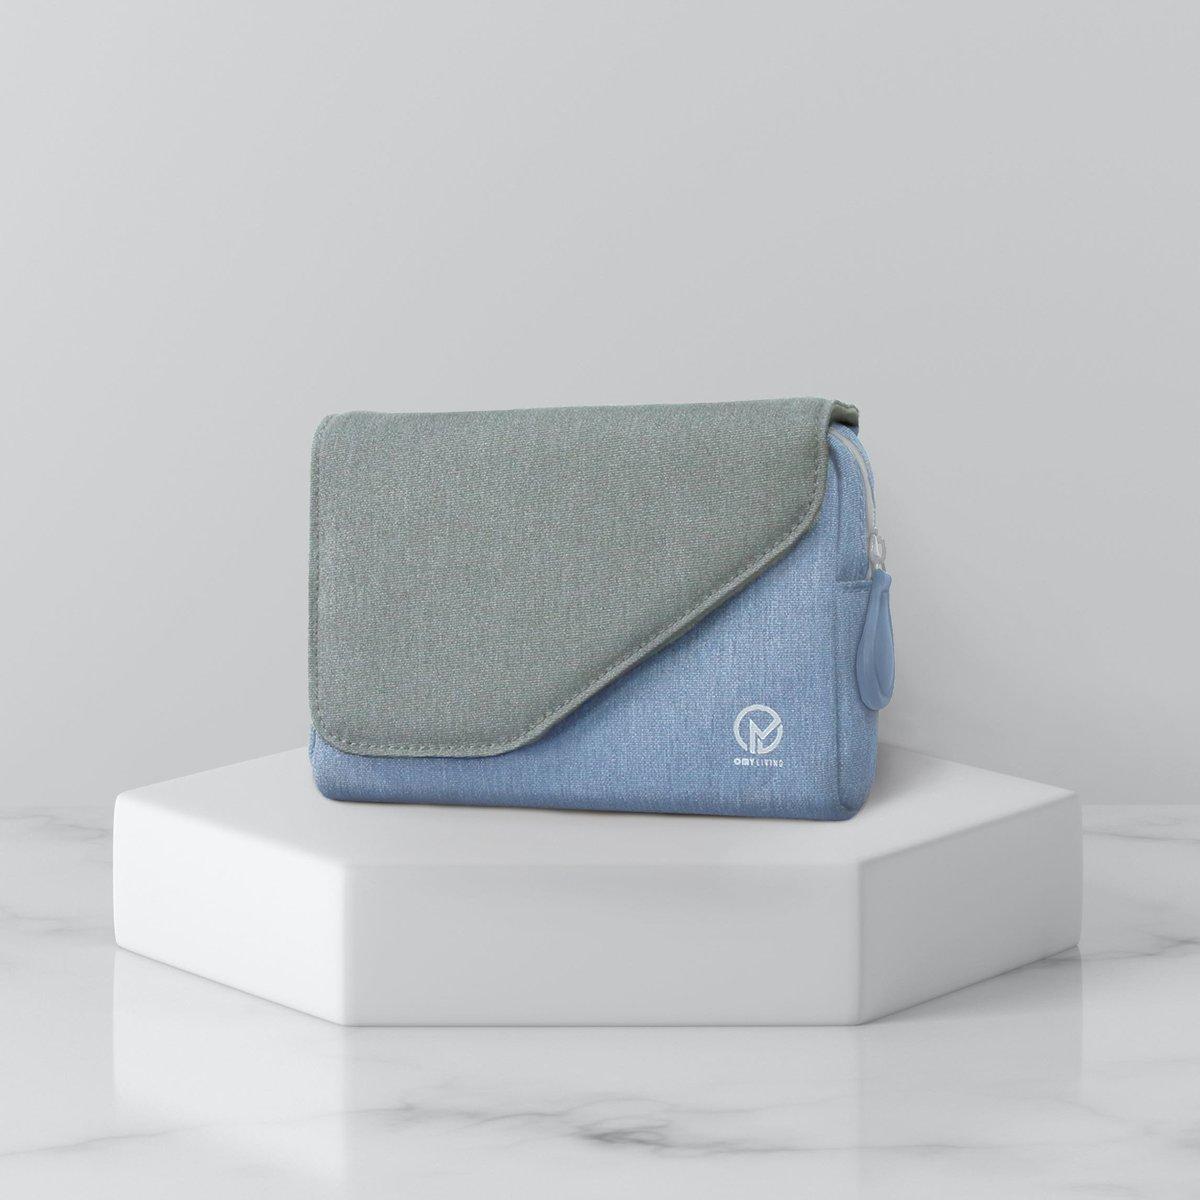 OMYLIVING UV Steriliser Handbag(Sky blue)